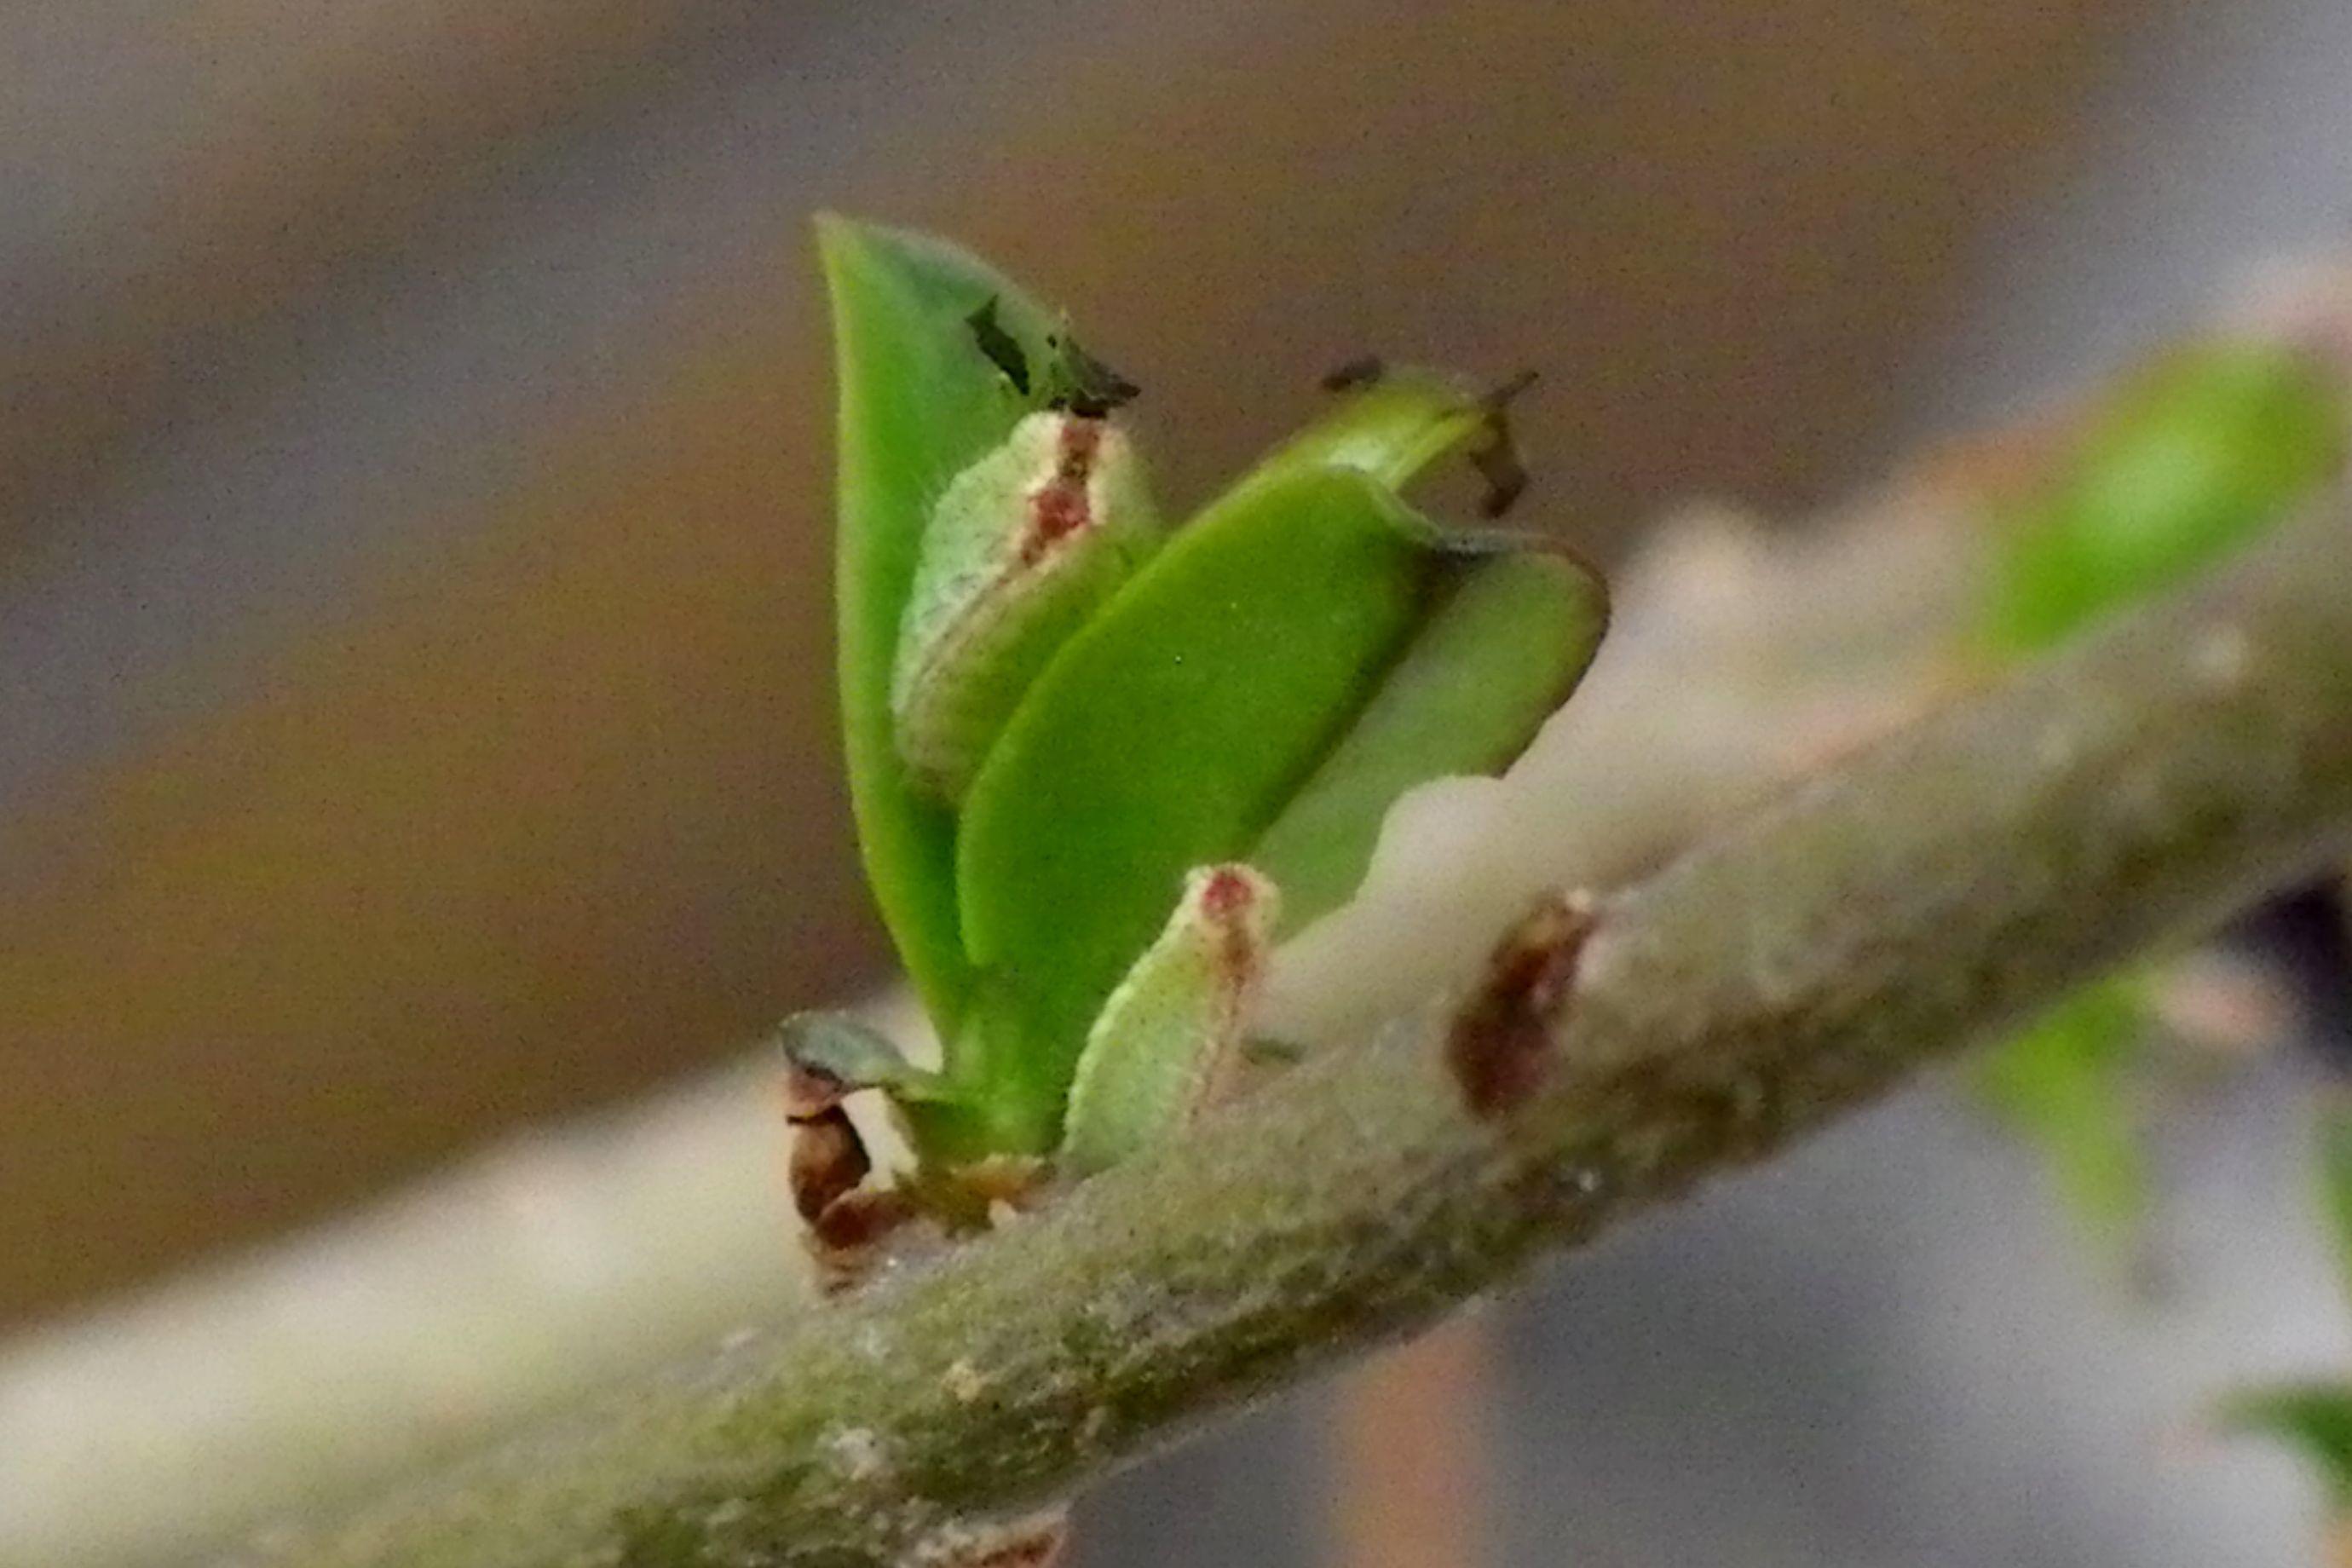 ウラゴマダラシジミ幼虫 3月26日_d0254540_16003694.jpg